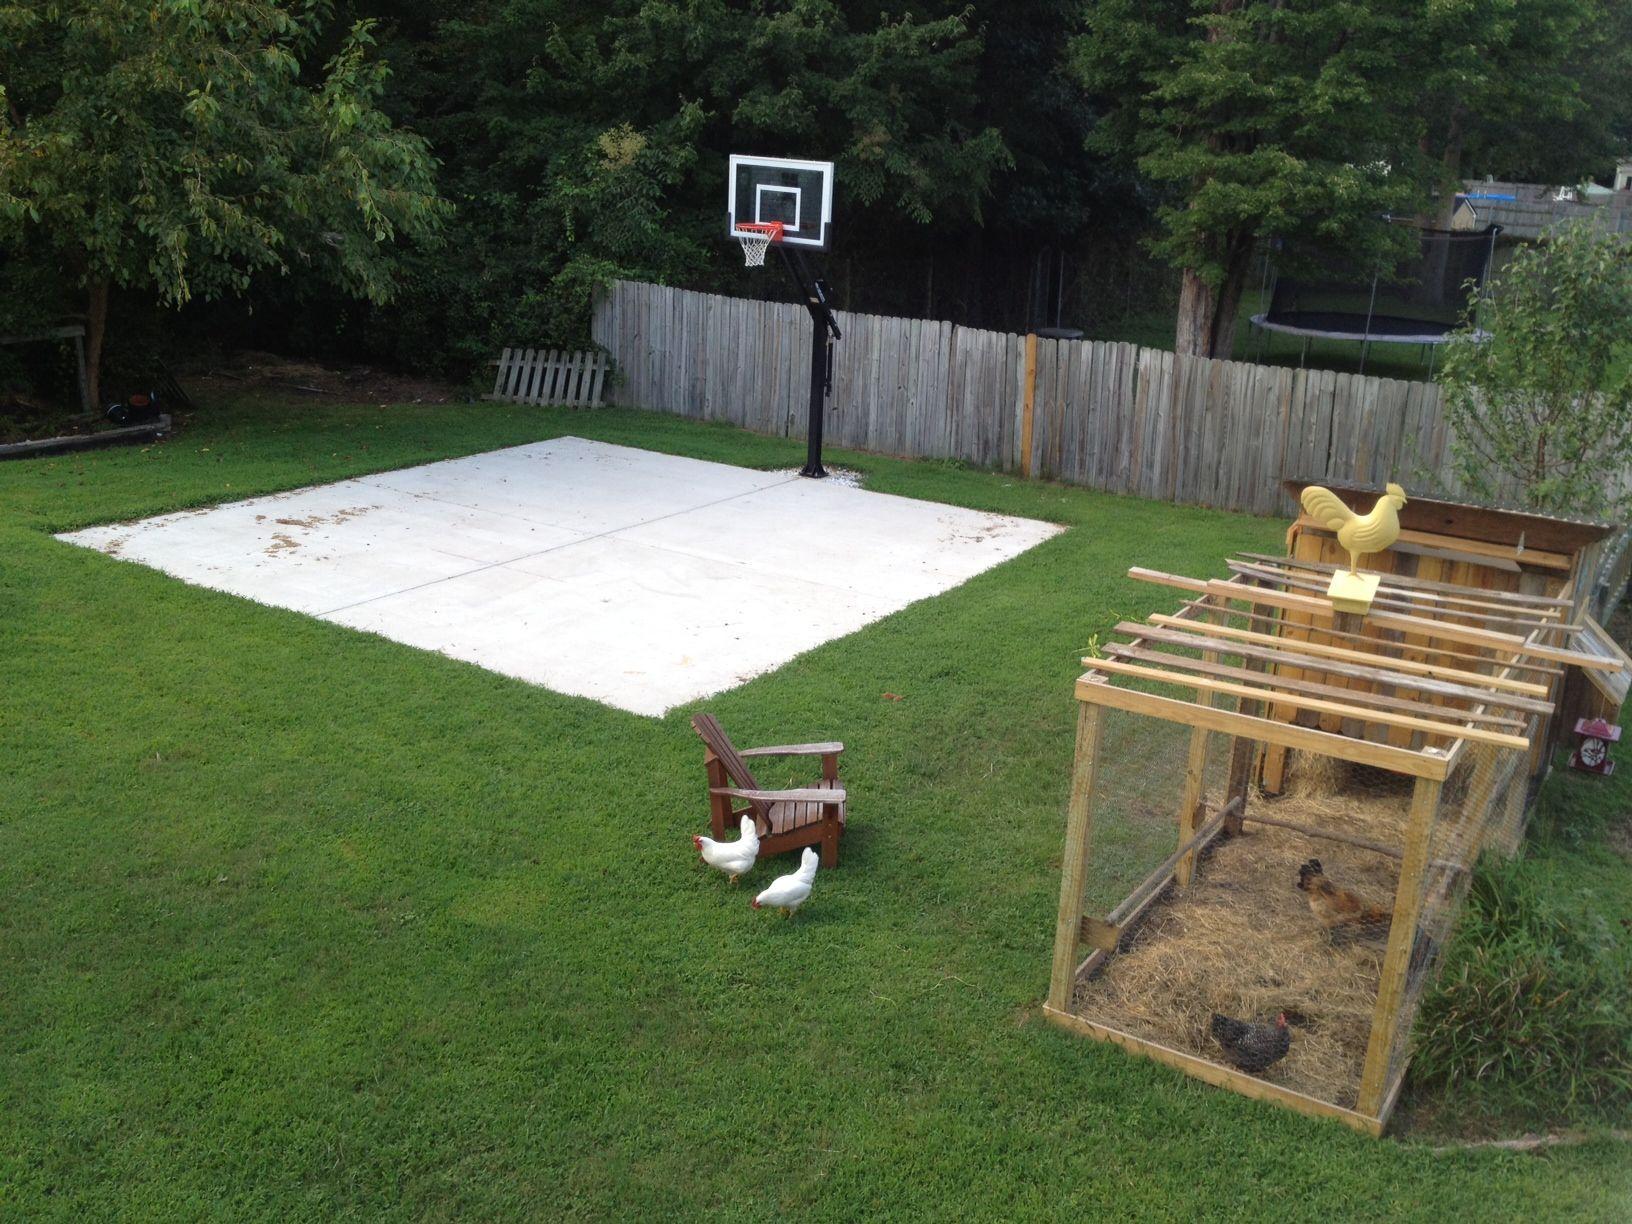 Aerial Concrete Slab In Fenced Back Yard 545 Source Jpg 1 632 1 224 Pixels Aerialconcreteslab In 2020 Backyard Basketball Basketball Court Backyard Backyard Playground Mini backyard basketball court